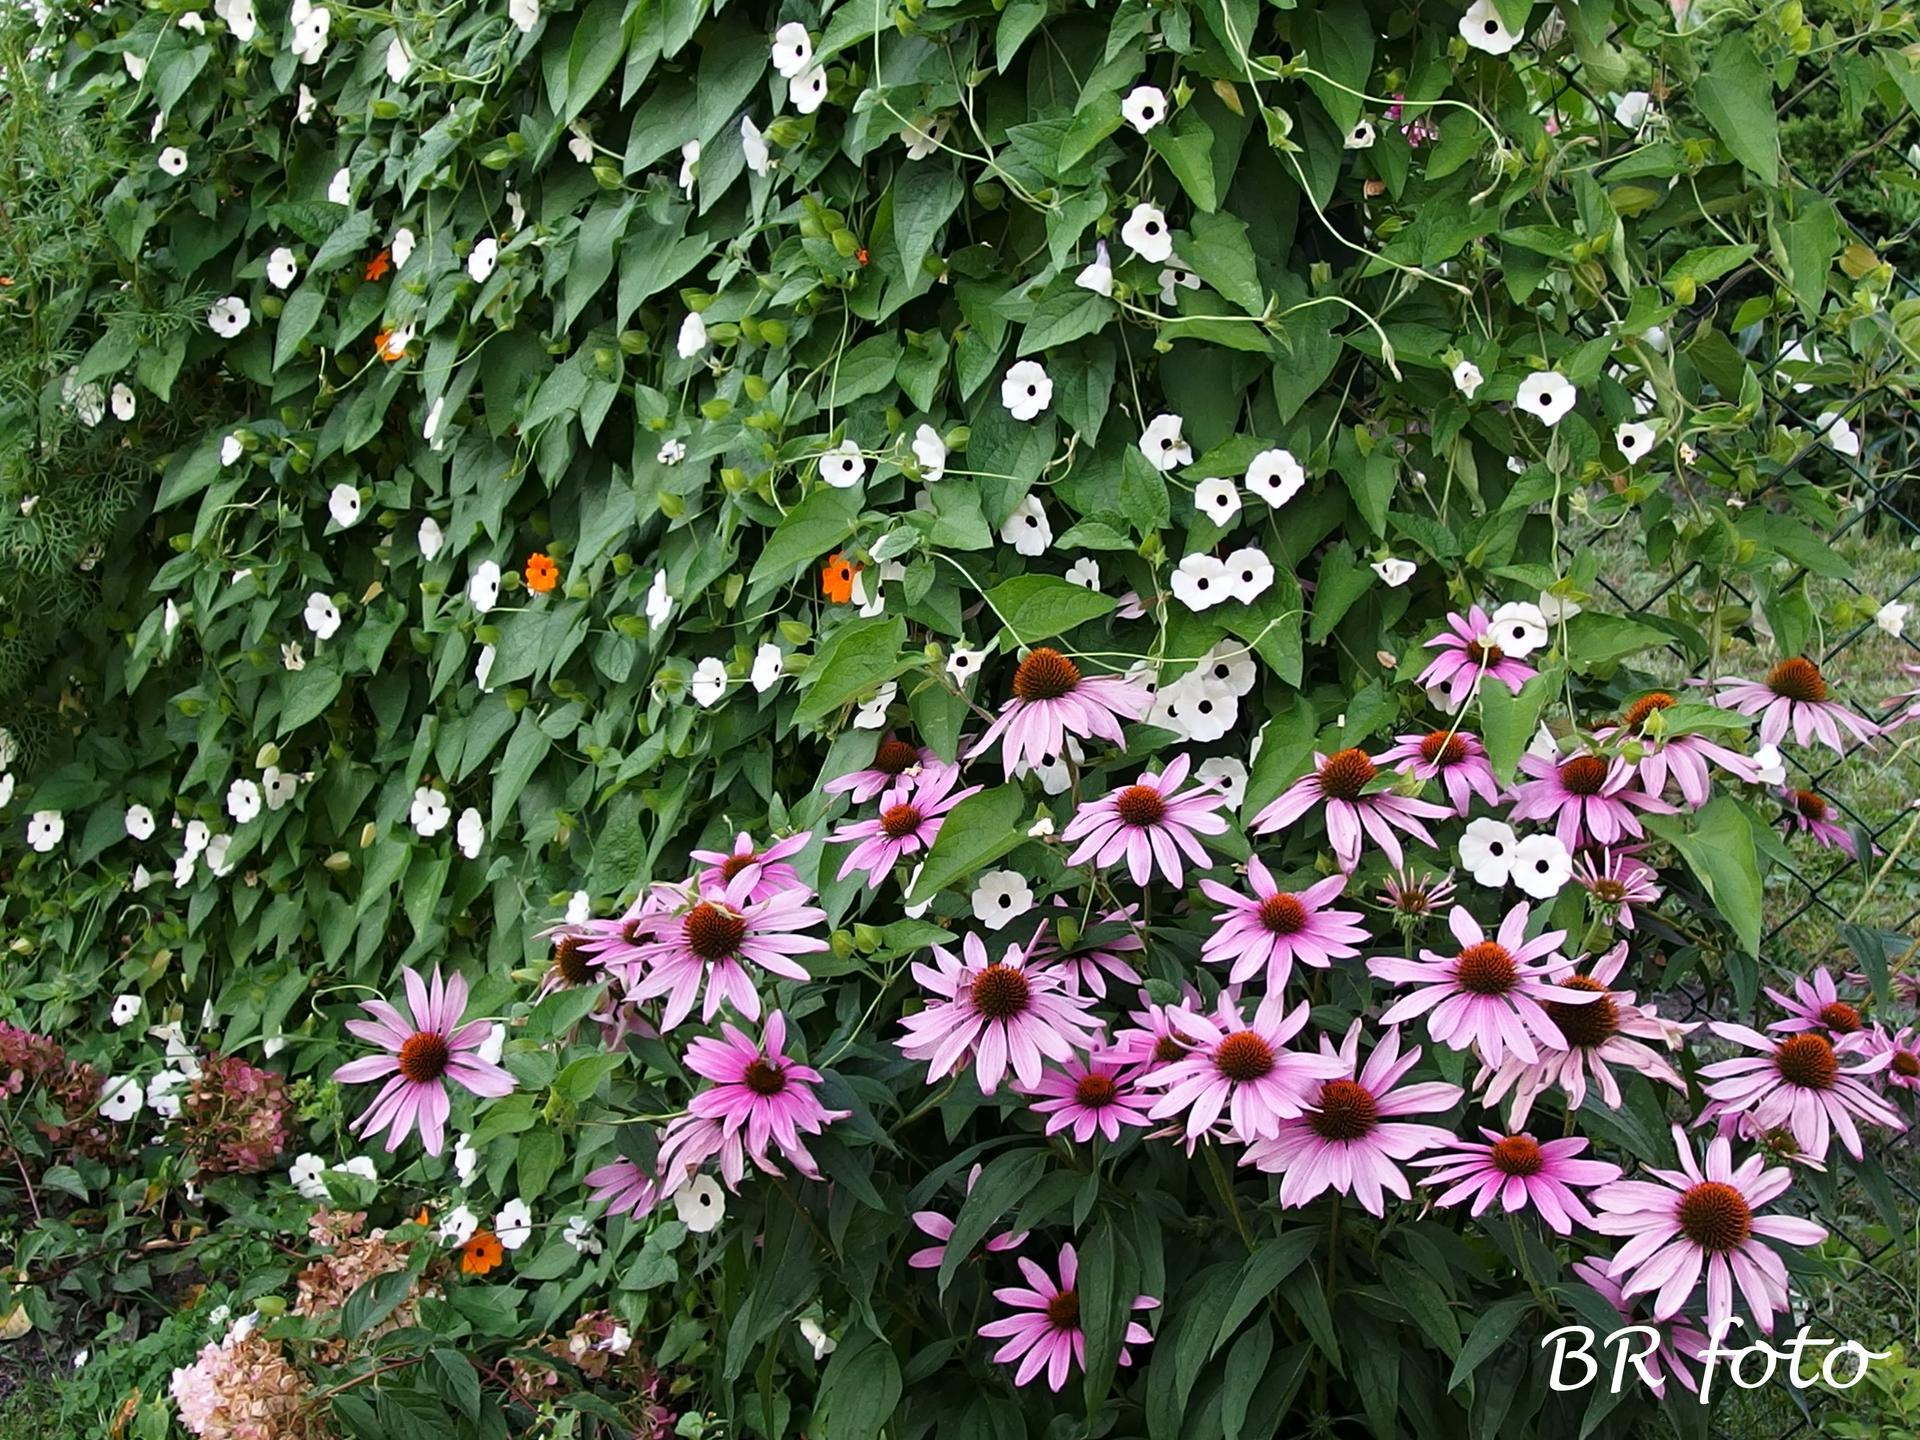 Zahrada v létě - černooká Zuzana krásně pokryla plot, echinacea si tam v trávě u plotu vyrostla sama...